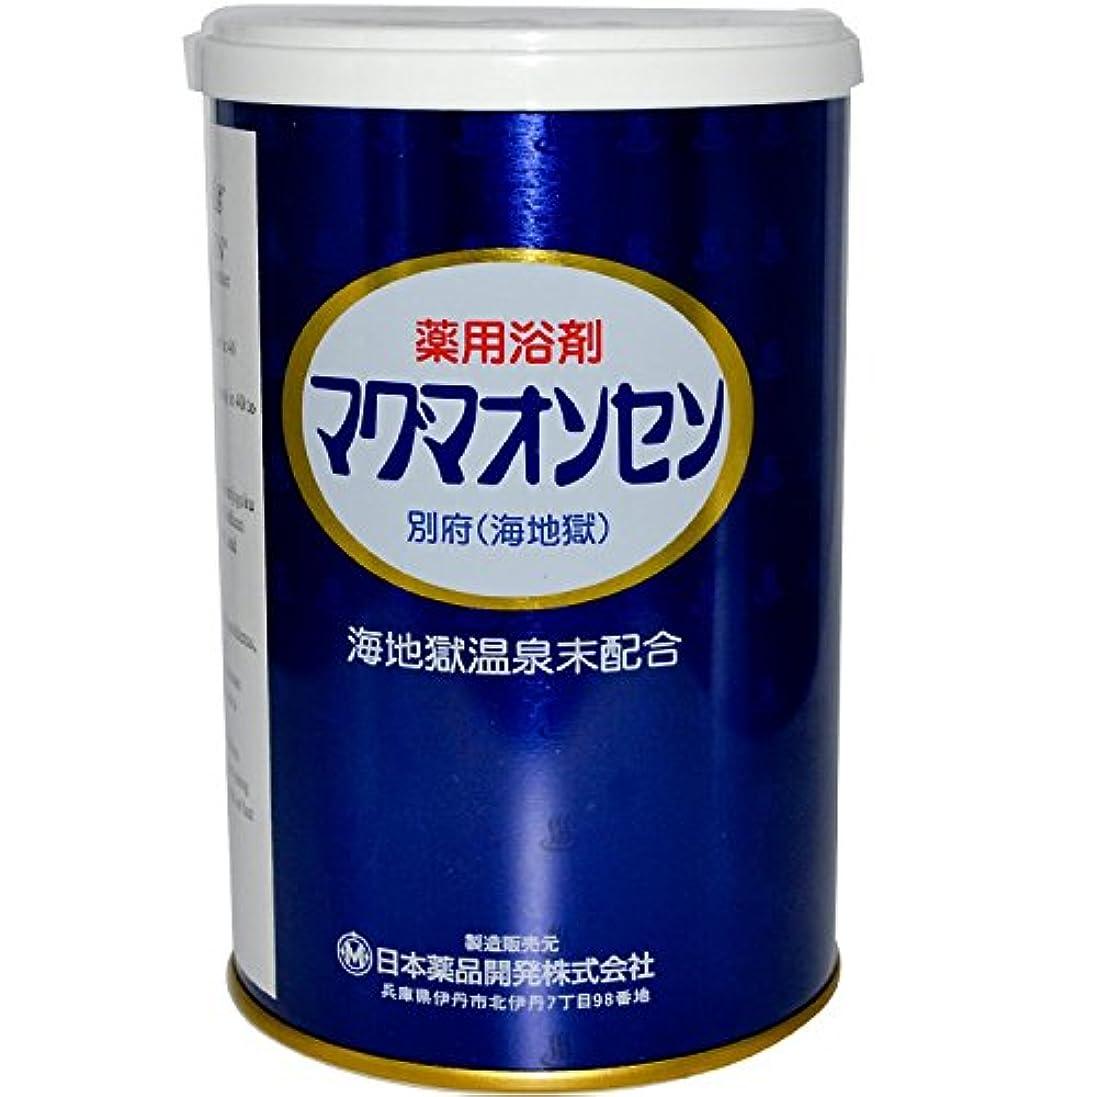 援助する診断するプレゼント薬用浴剤マグマオンセン別府(海地獄)500gx4個